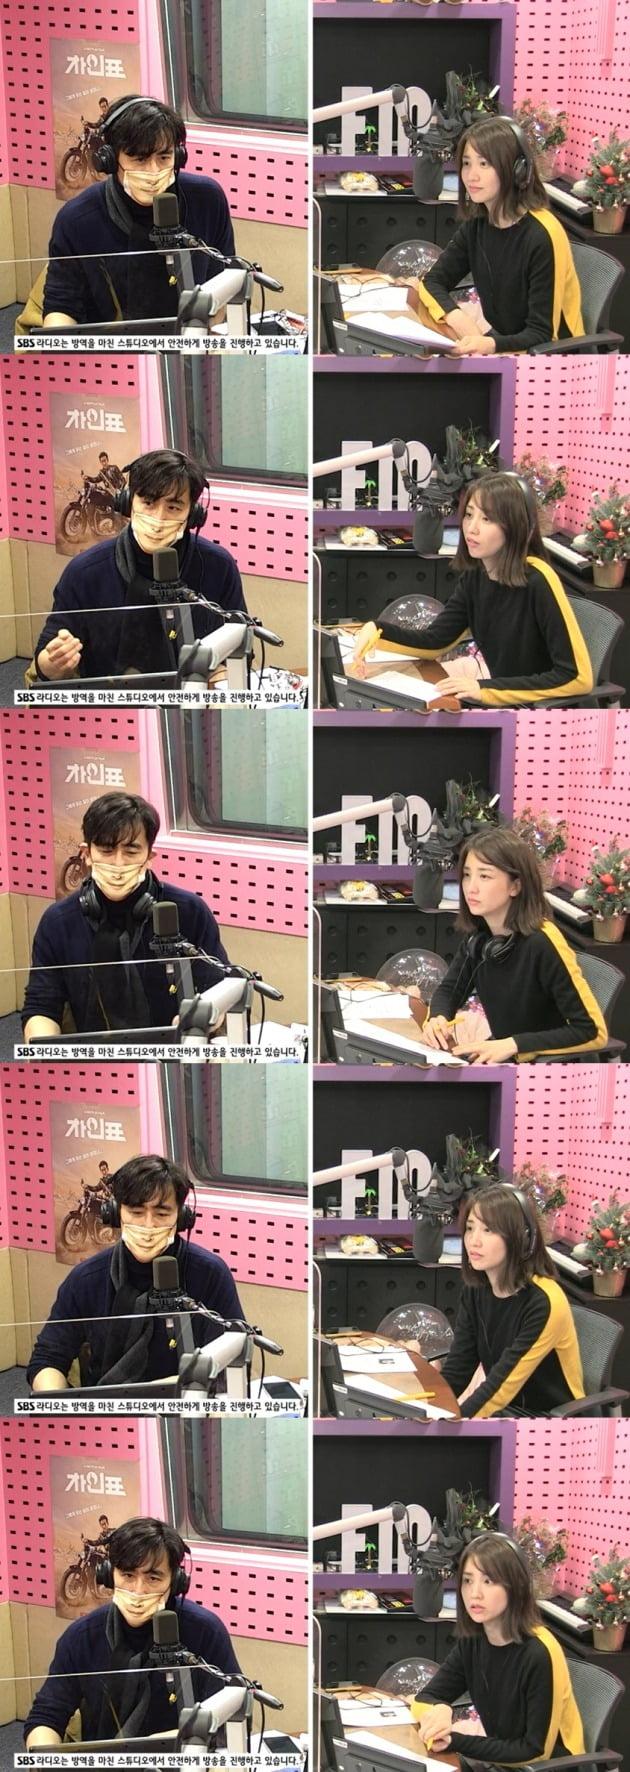 사진=SBS라디오 '씨네타운' 보는 라디오 캡처